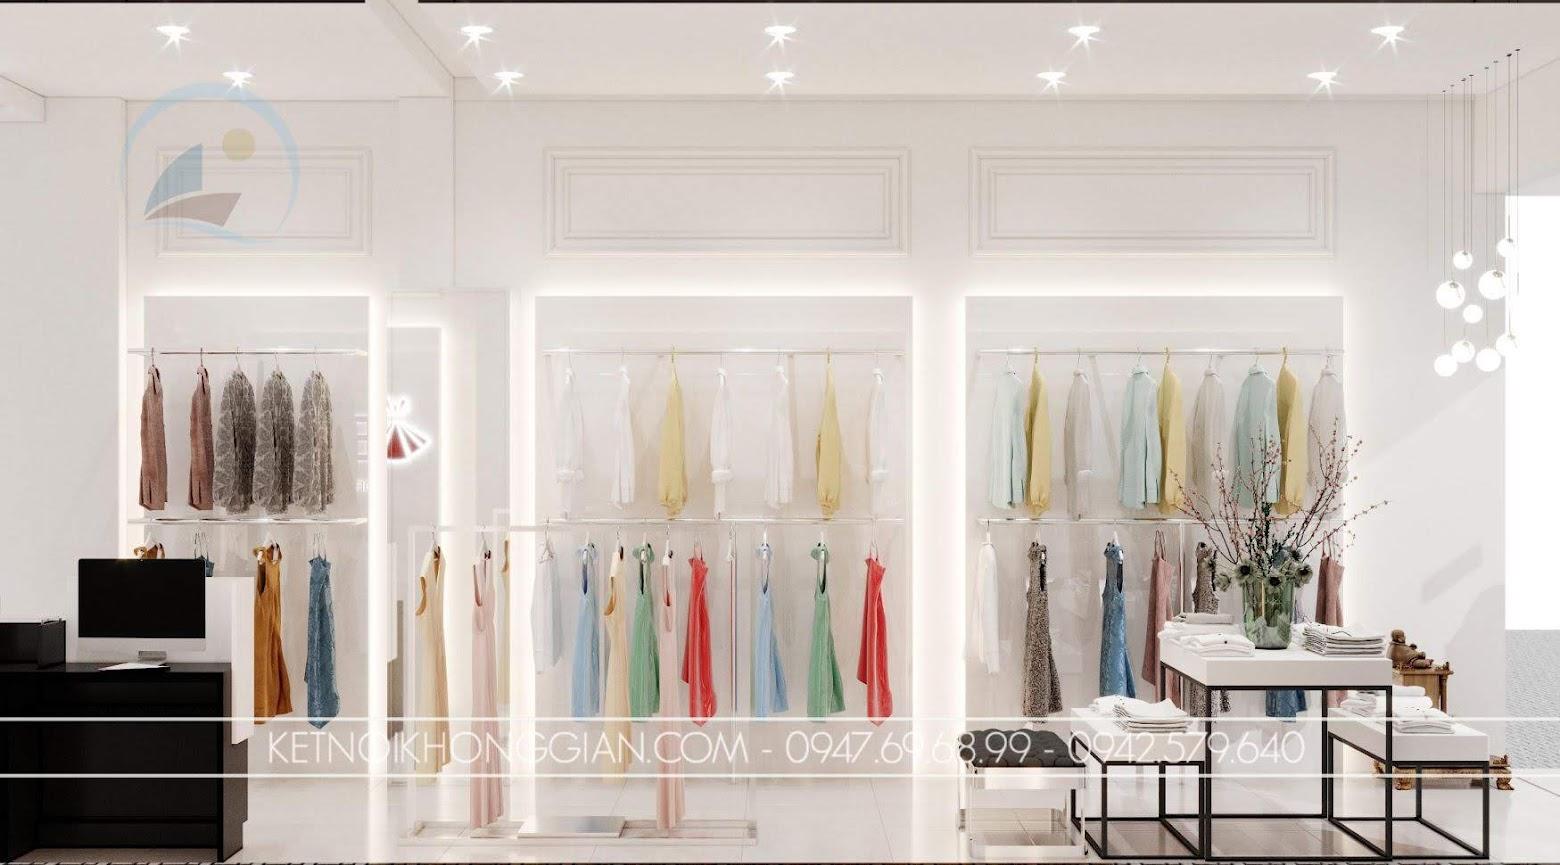 trang trí ánh sáng cho shop thời trang